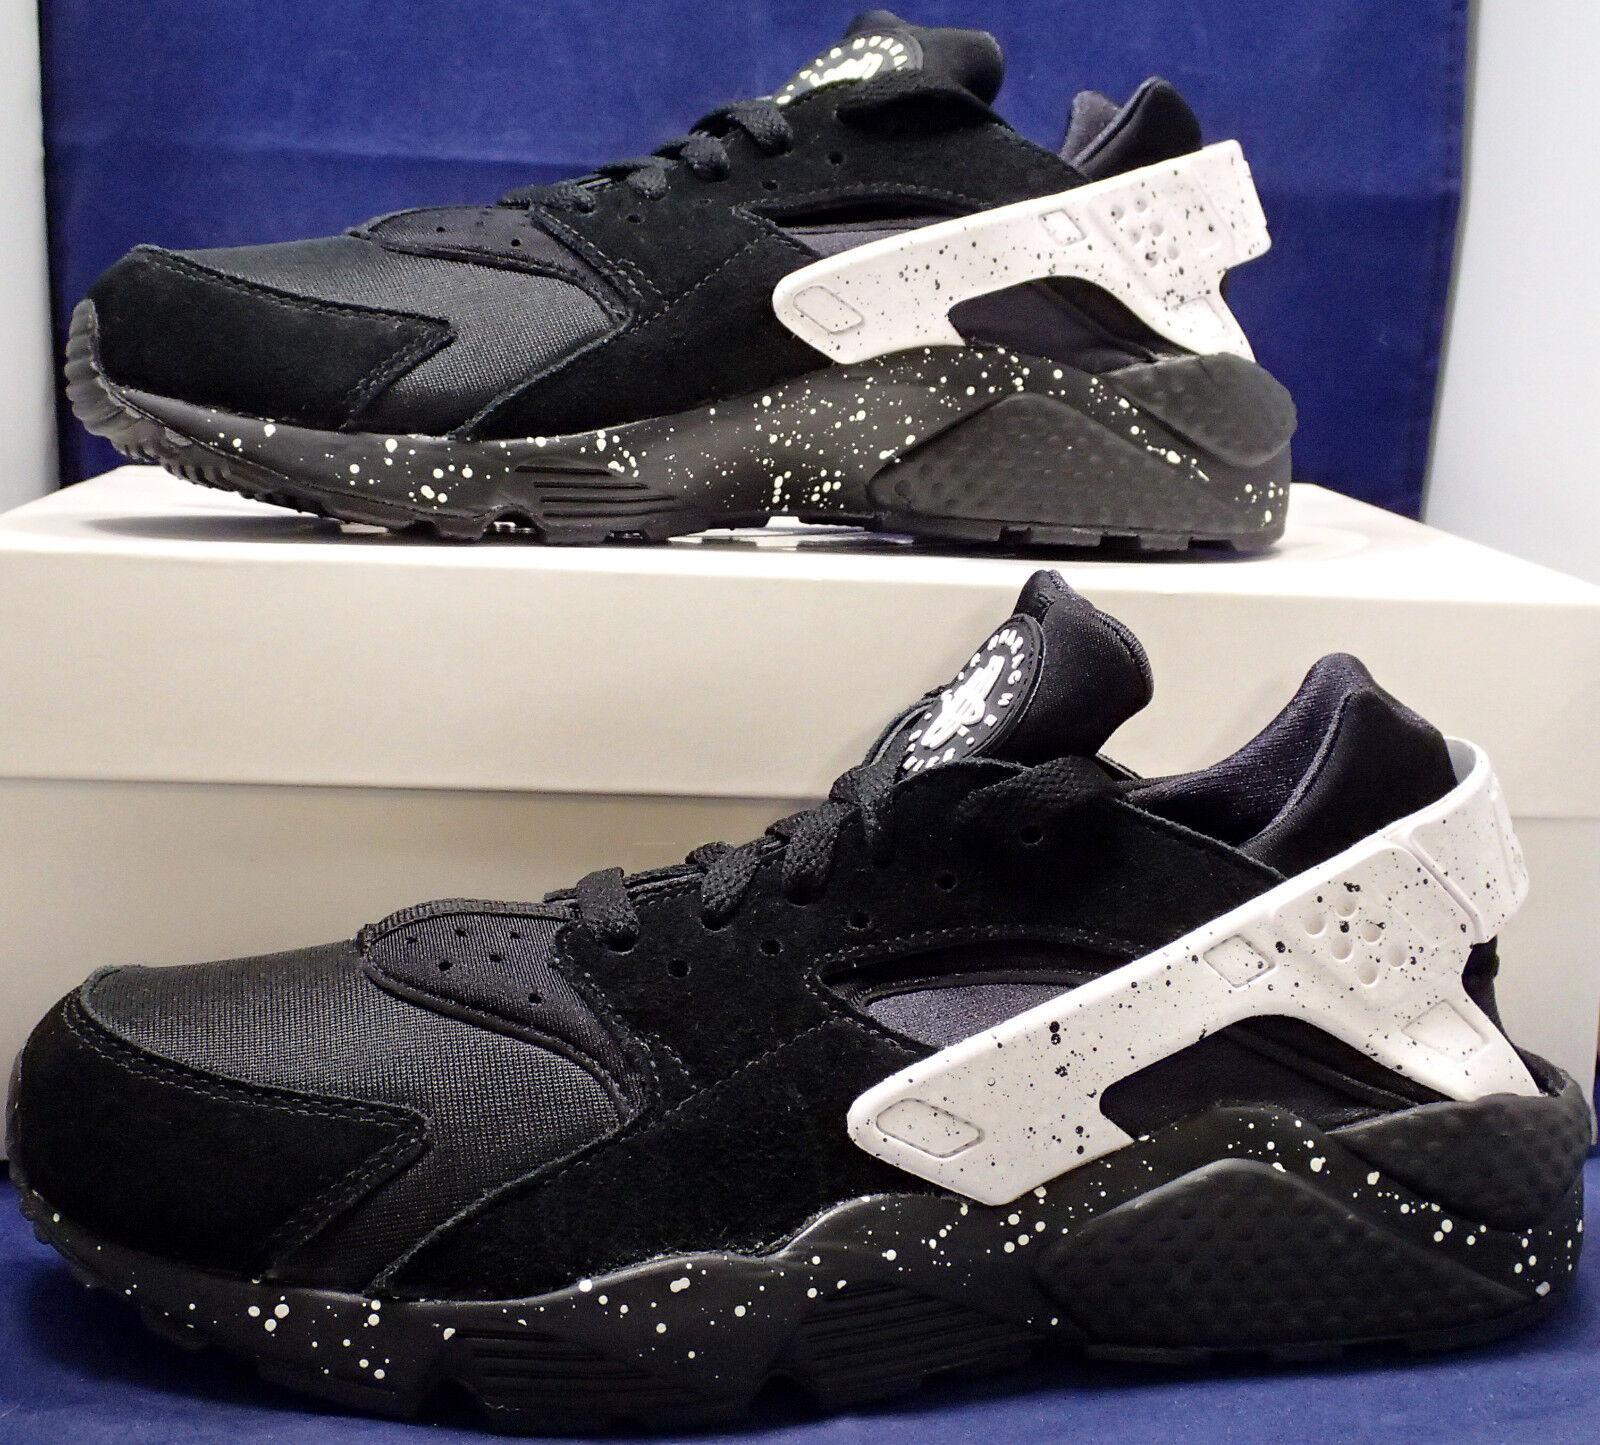 Nike Air Huarache Run iD Black White SZ 8.5 ( 777330-997 )